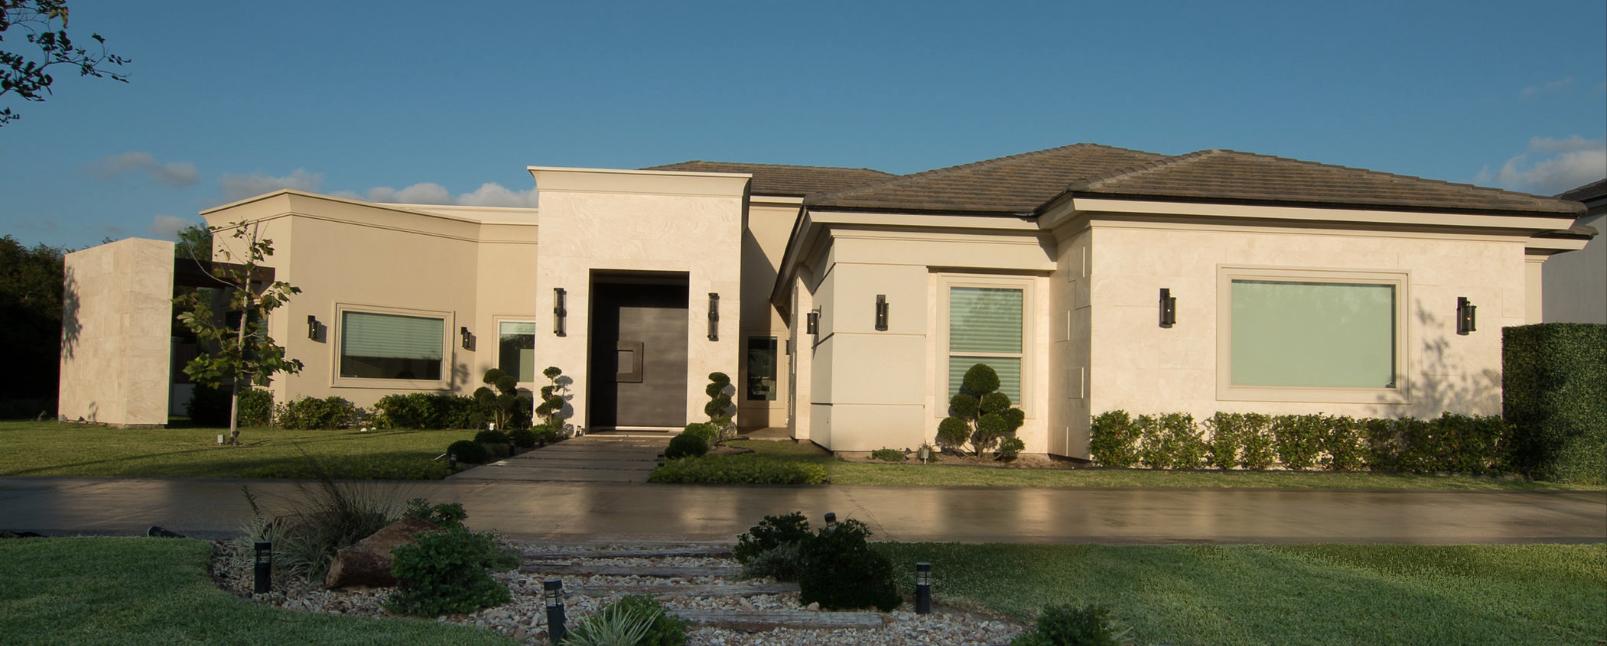 ERGAR HOUSE | BROWNSVILLE, TX